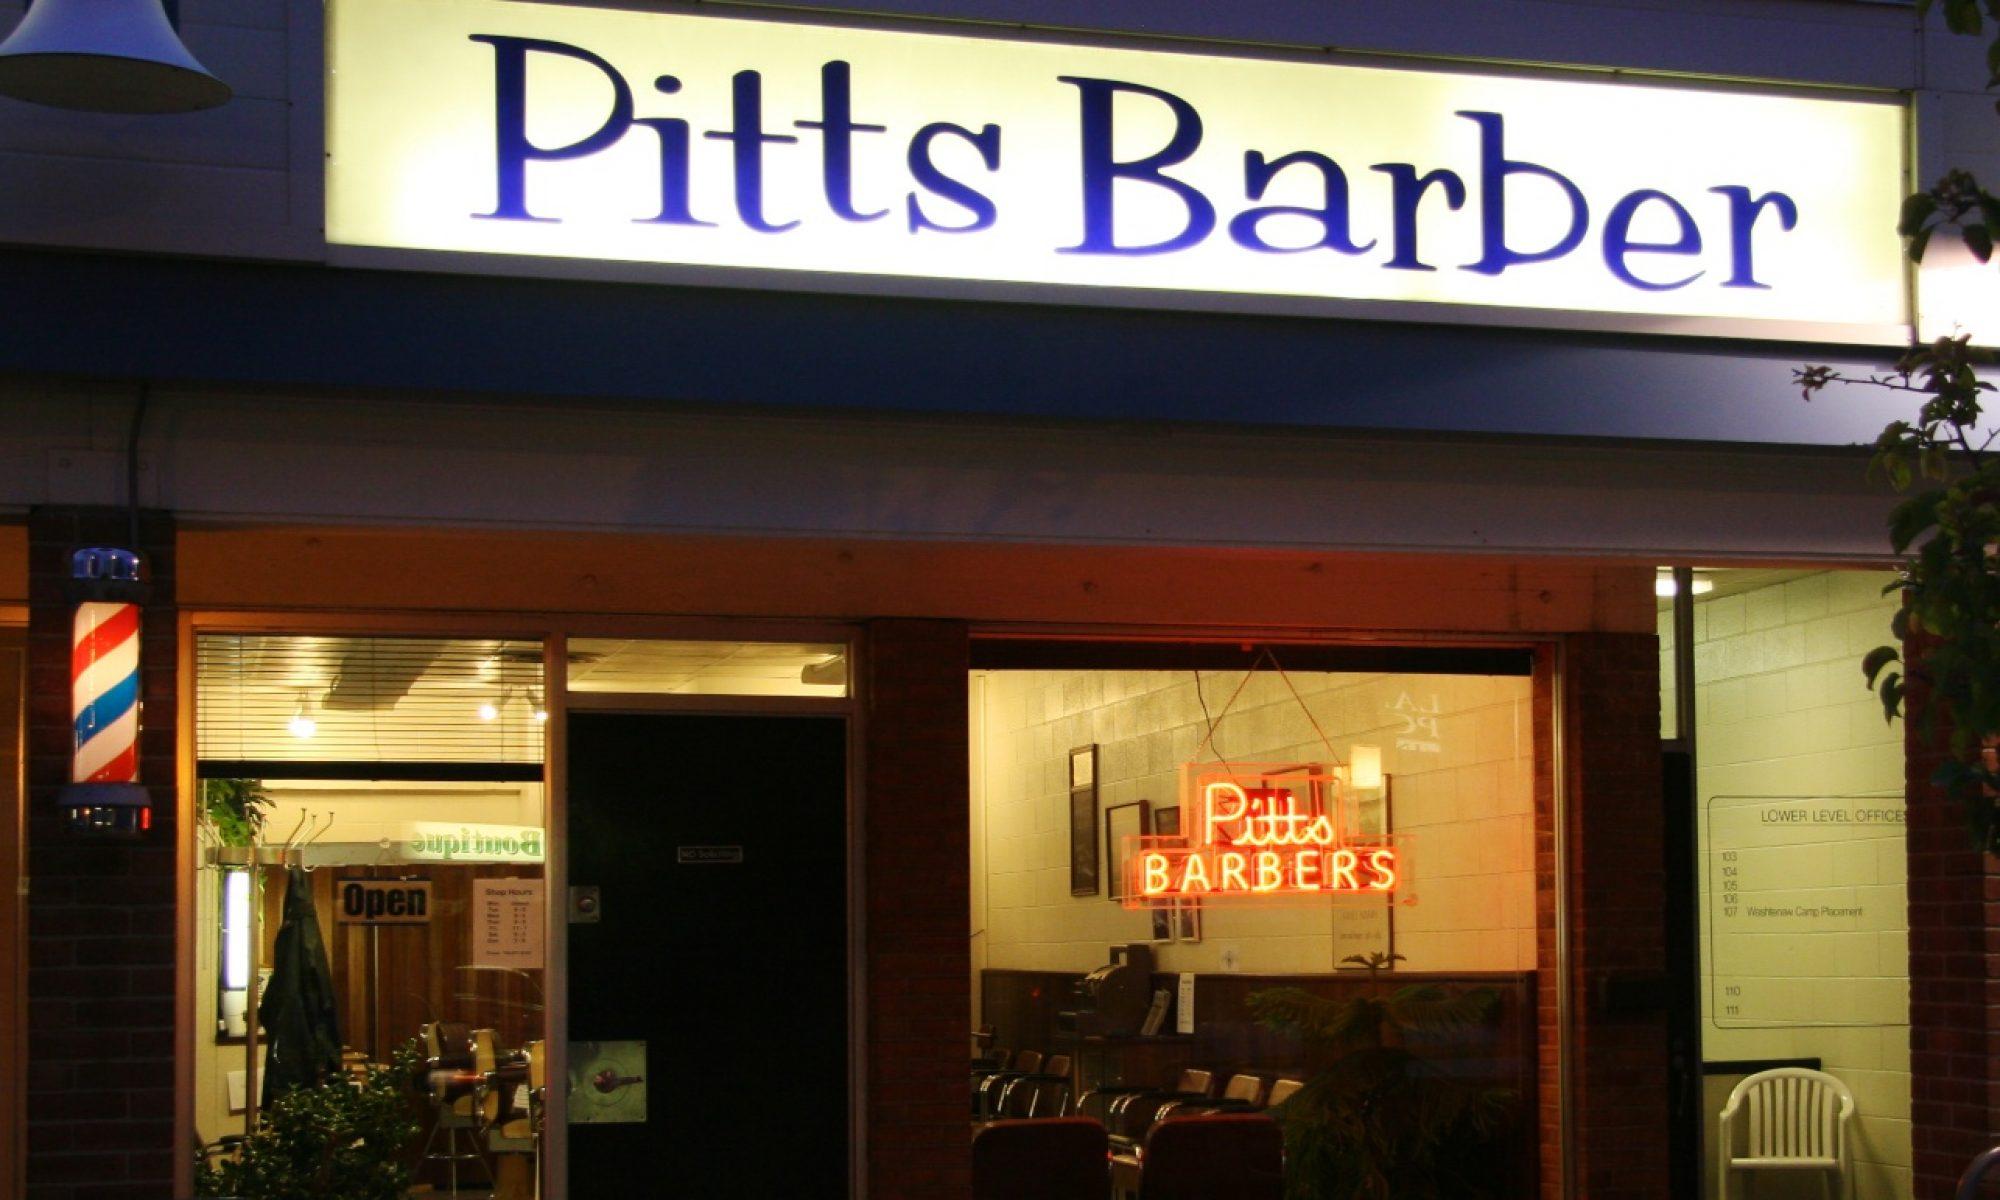 Pitt's Barber Shop